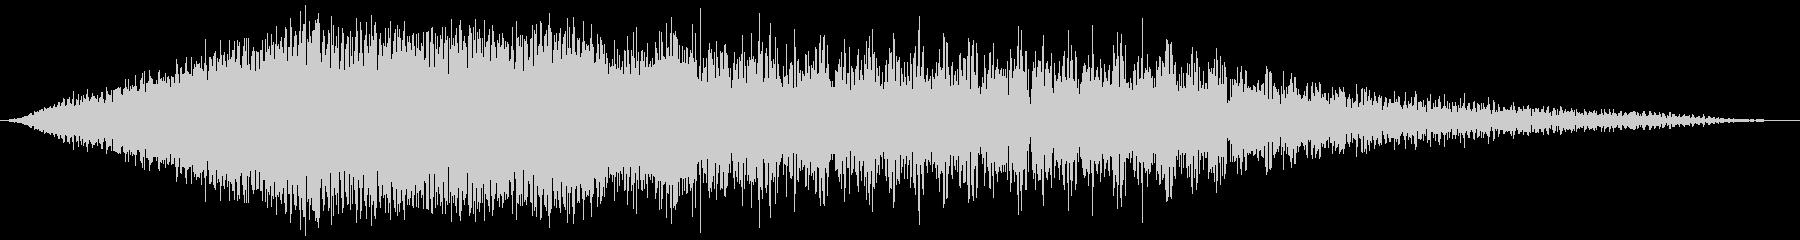 スキャンインフィルターデータスイープの未再生の波形